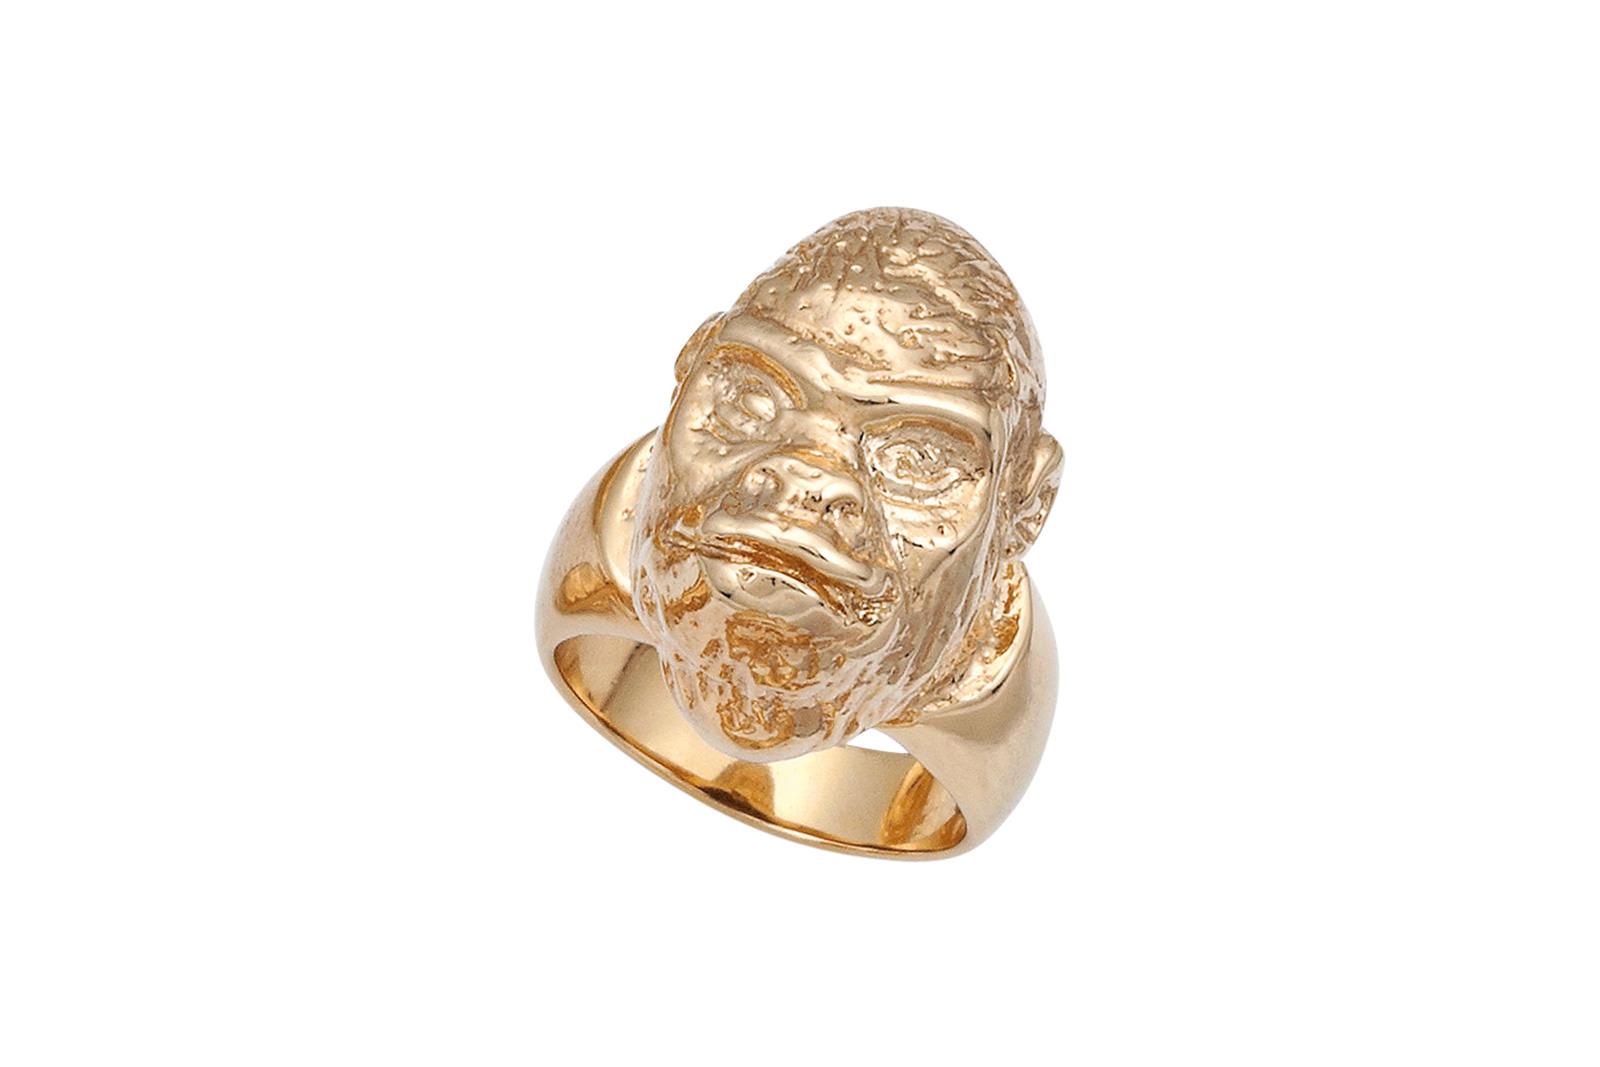 Gorilla Head Ring